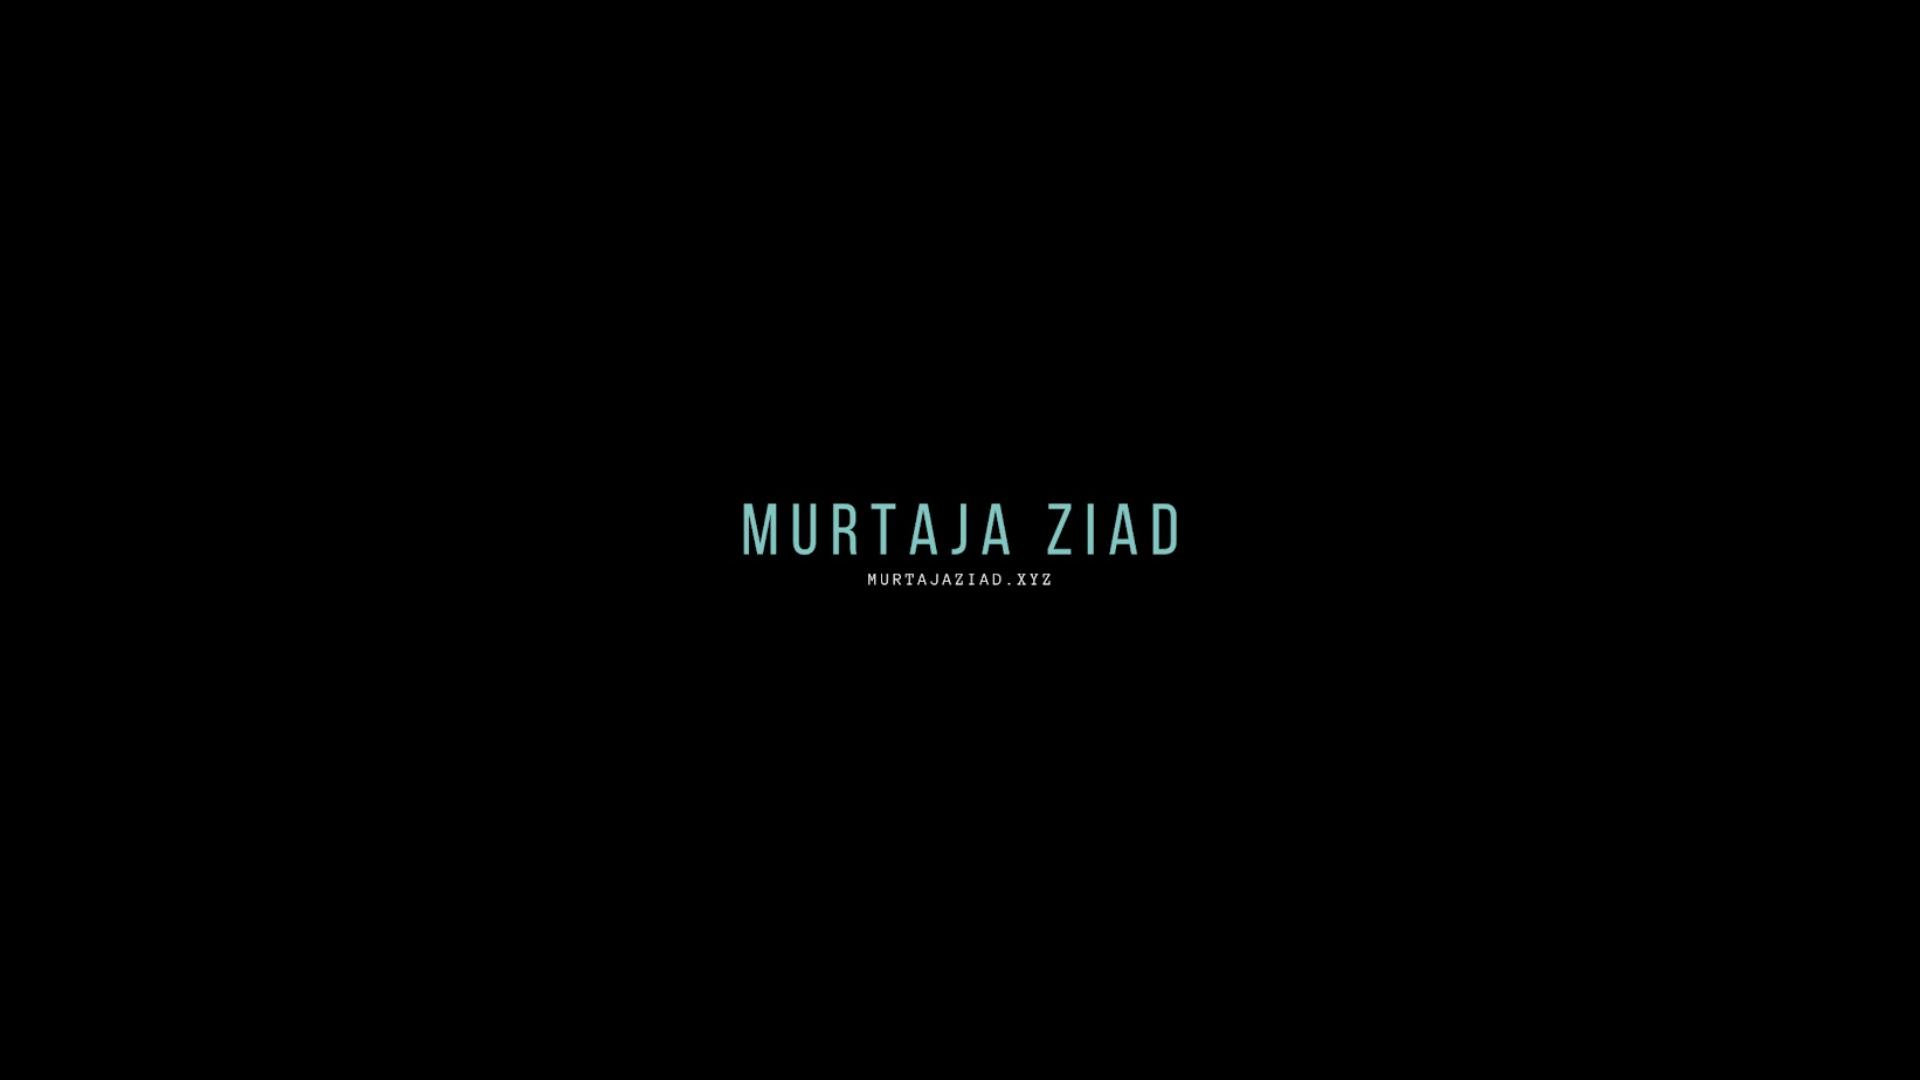 MurtajaZiad